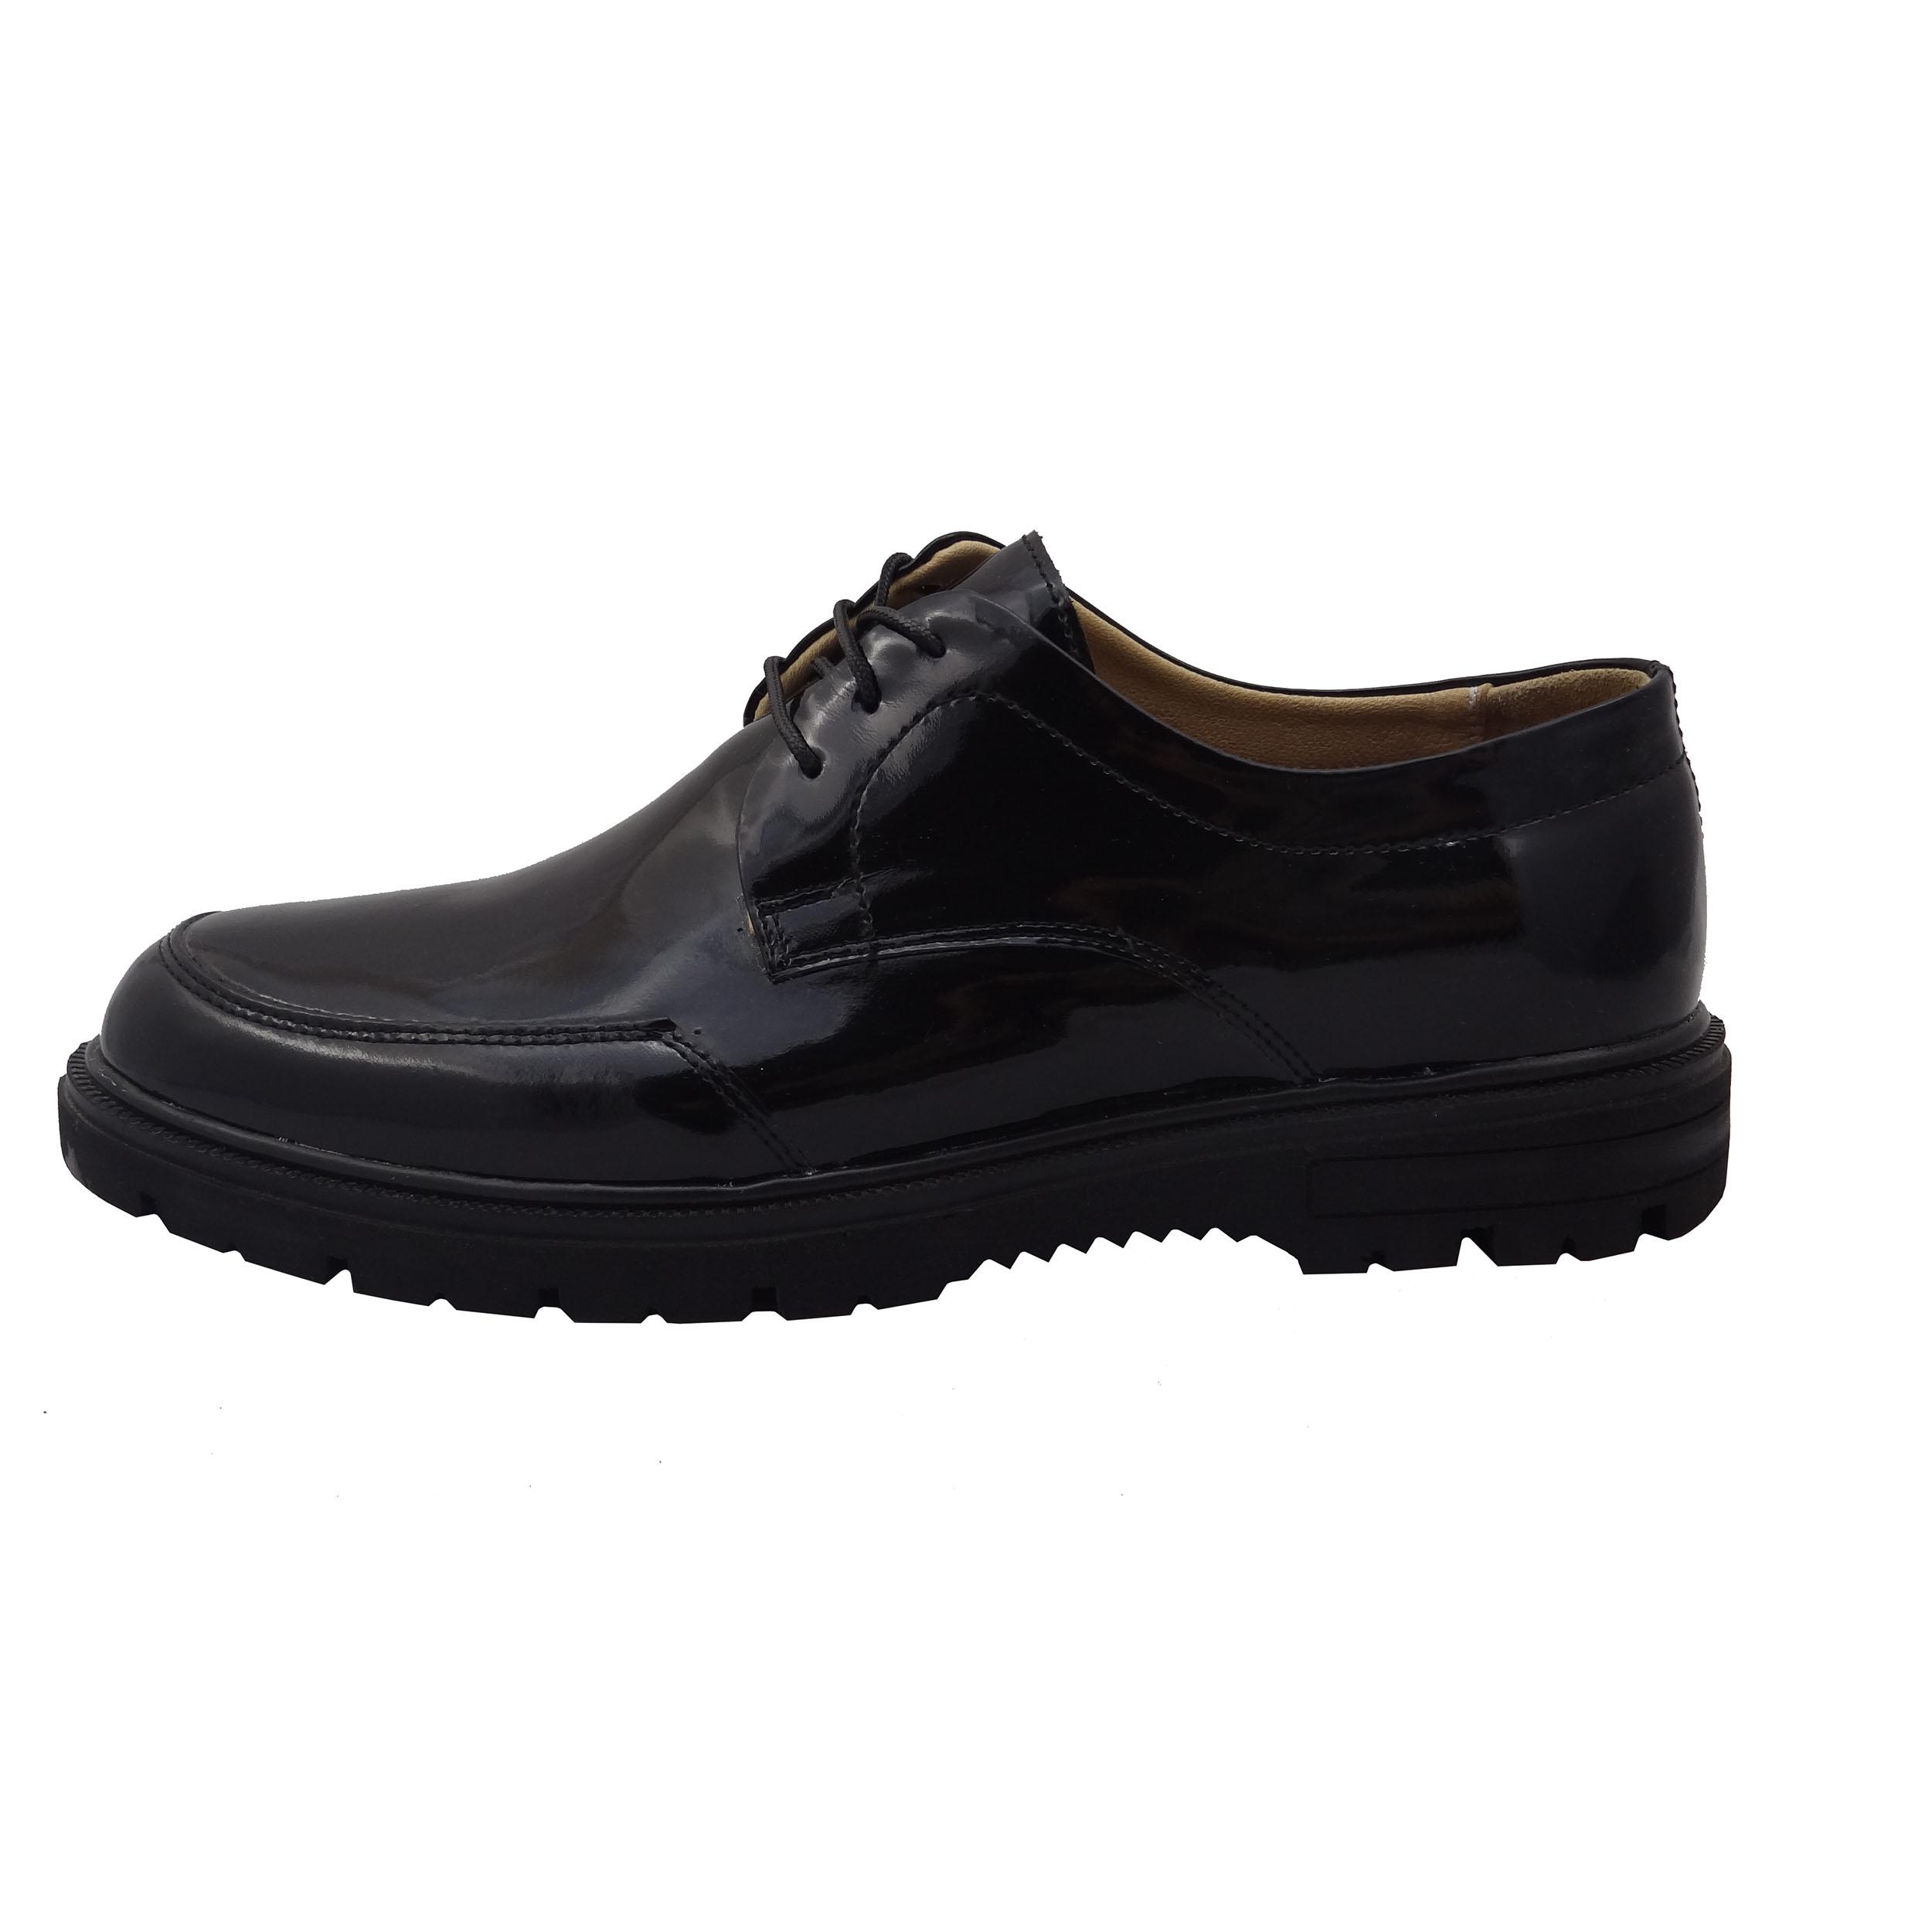 کفش مردانه کد A44